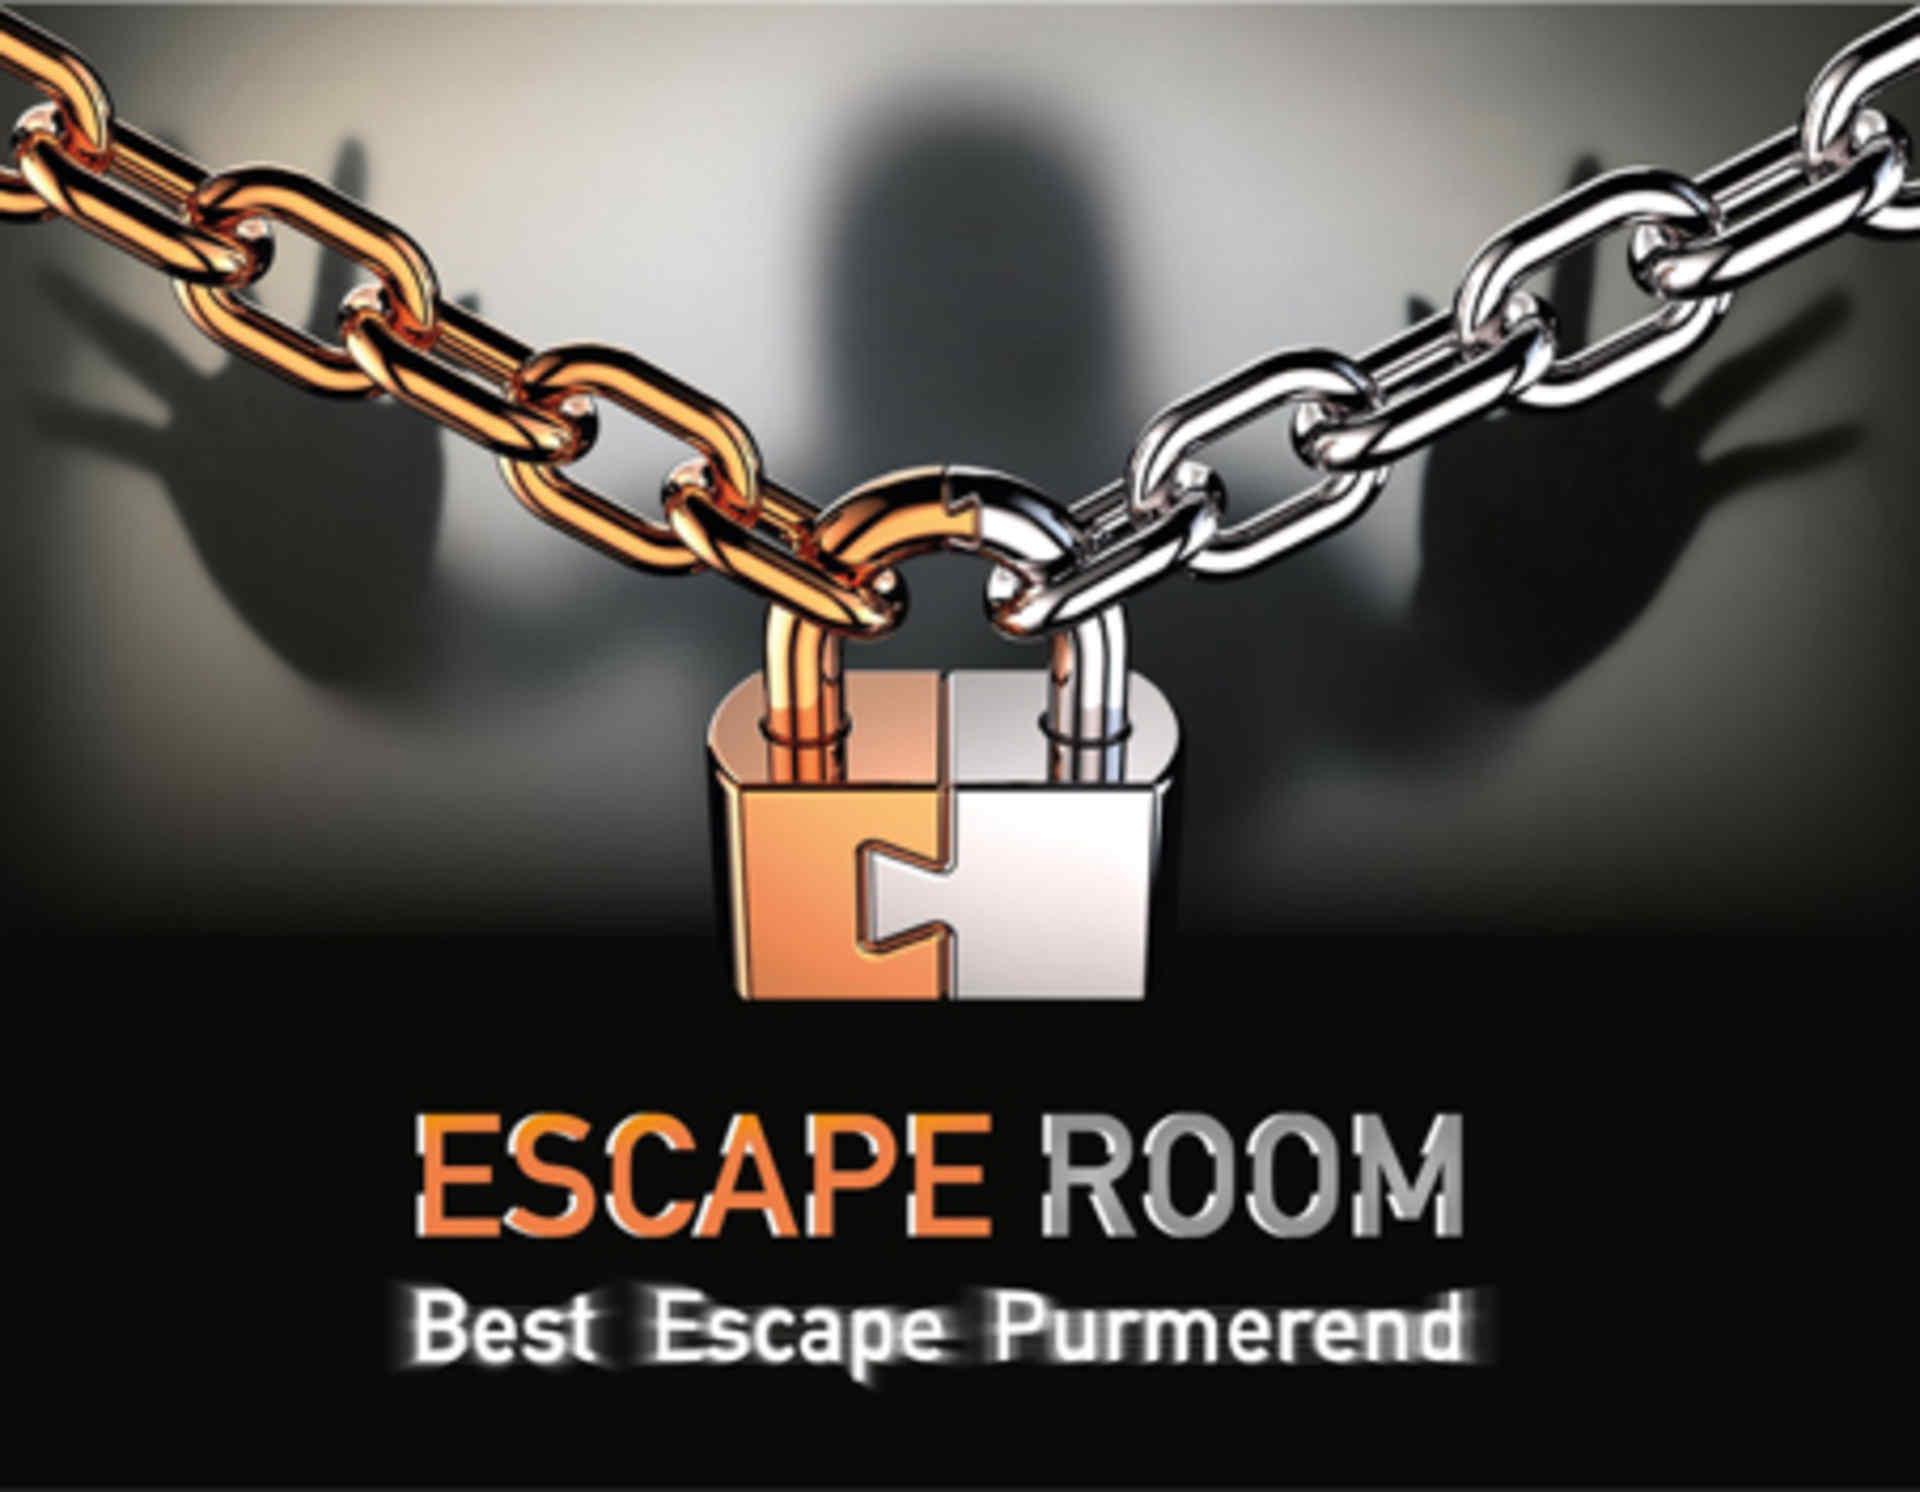 Escaperoom Best Escape Purmerend